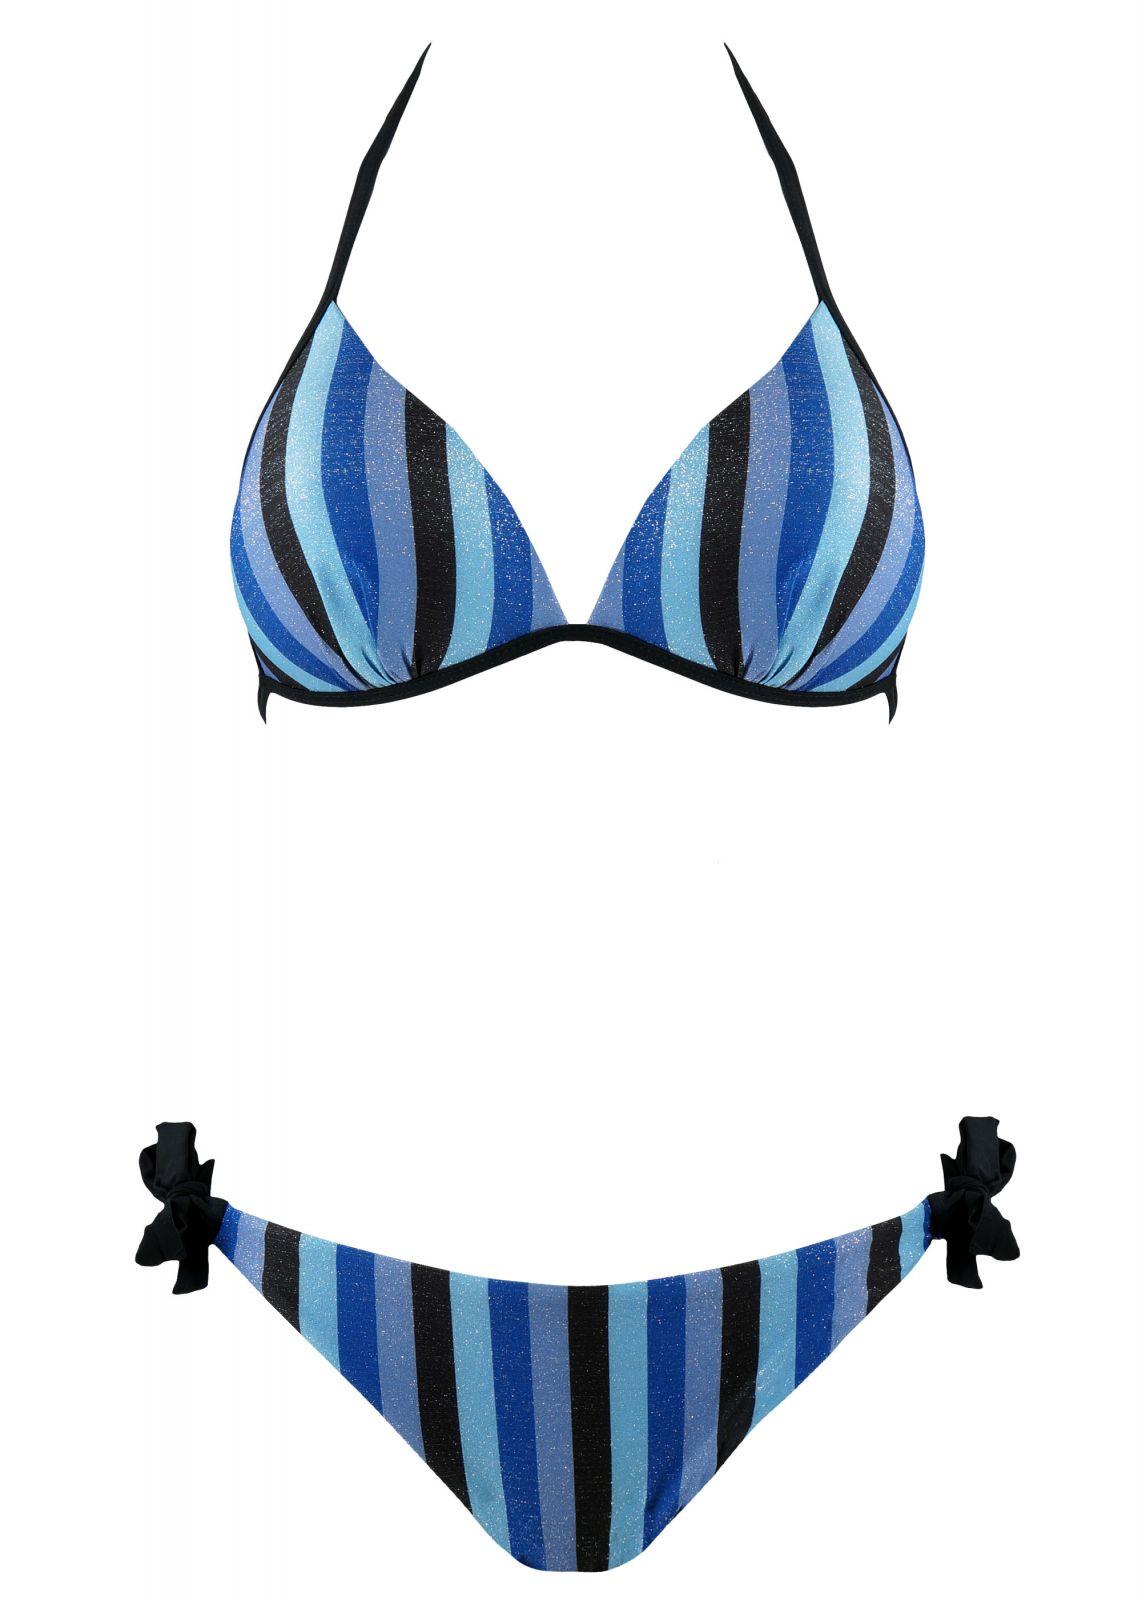 Γυναικείο set bikini bra push-up με ρίγες και slip με δέσιμο. Καλύπτει C Cup. ΜΠΛΕ